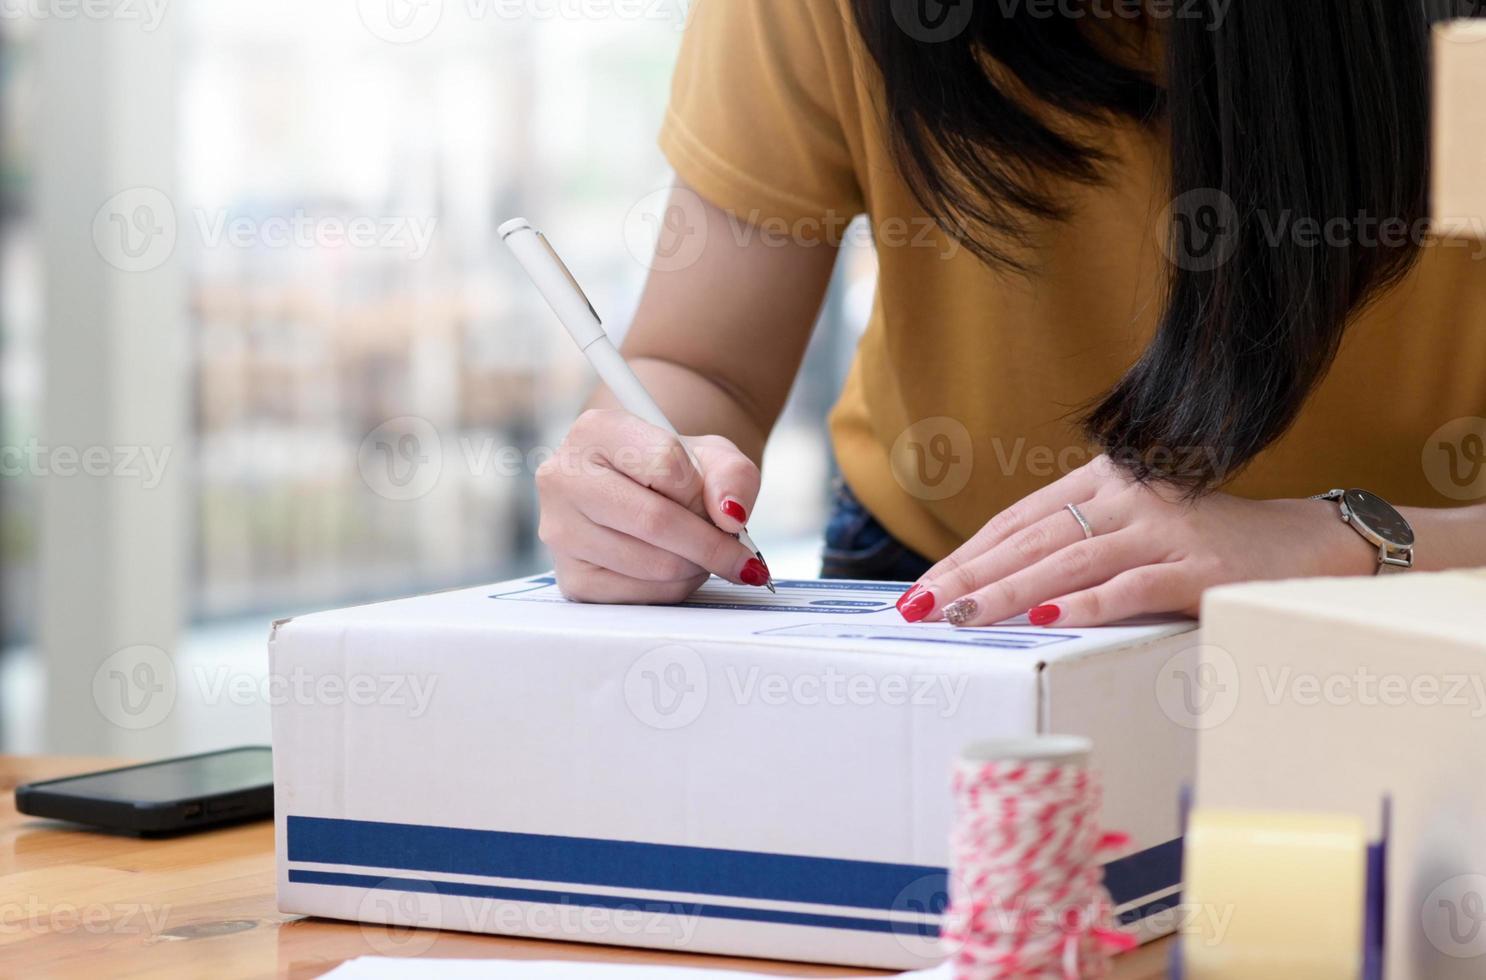 la niña escribió la dirección en la caja para entregar el paquete. foto